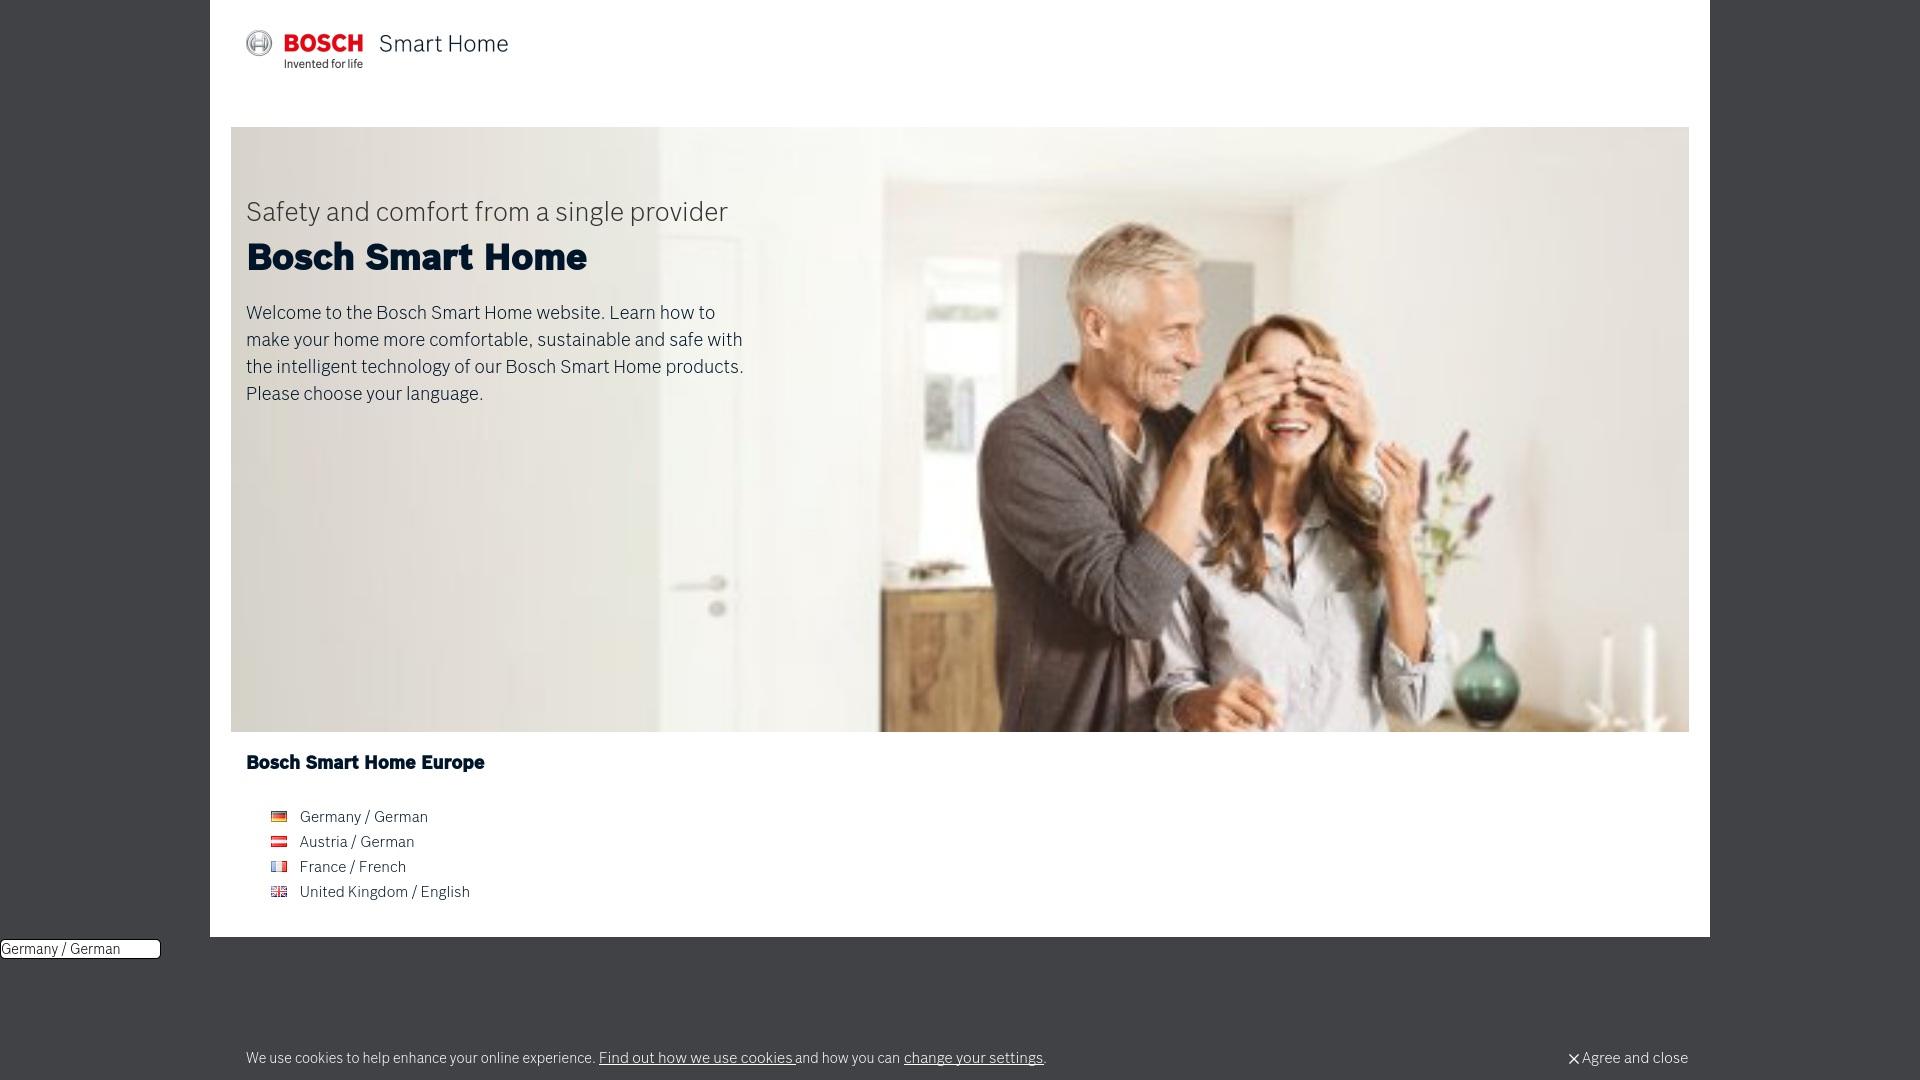 Gutschein für Bosch-smarthome: Rabatte für  Bosch-smarthome sichern